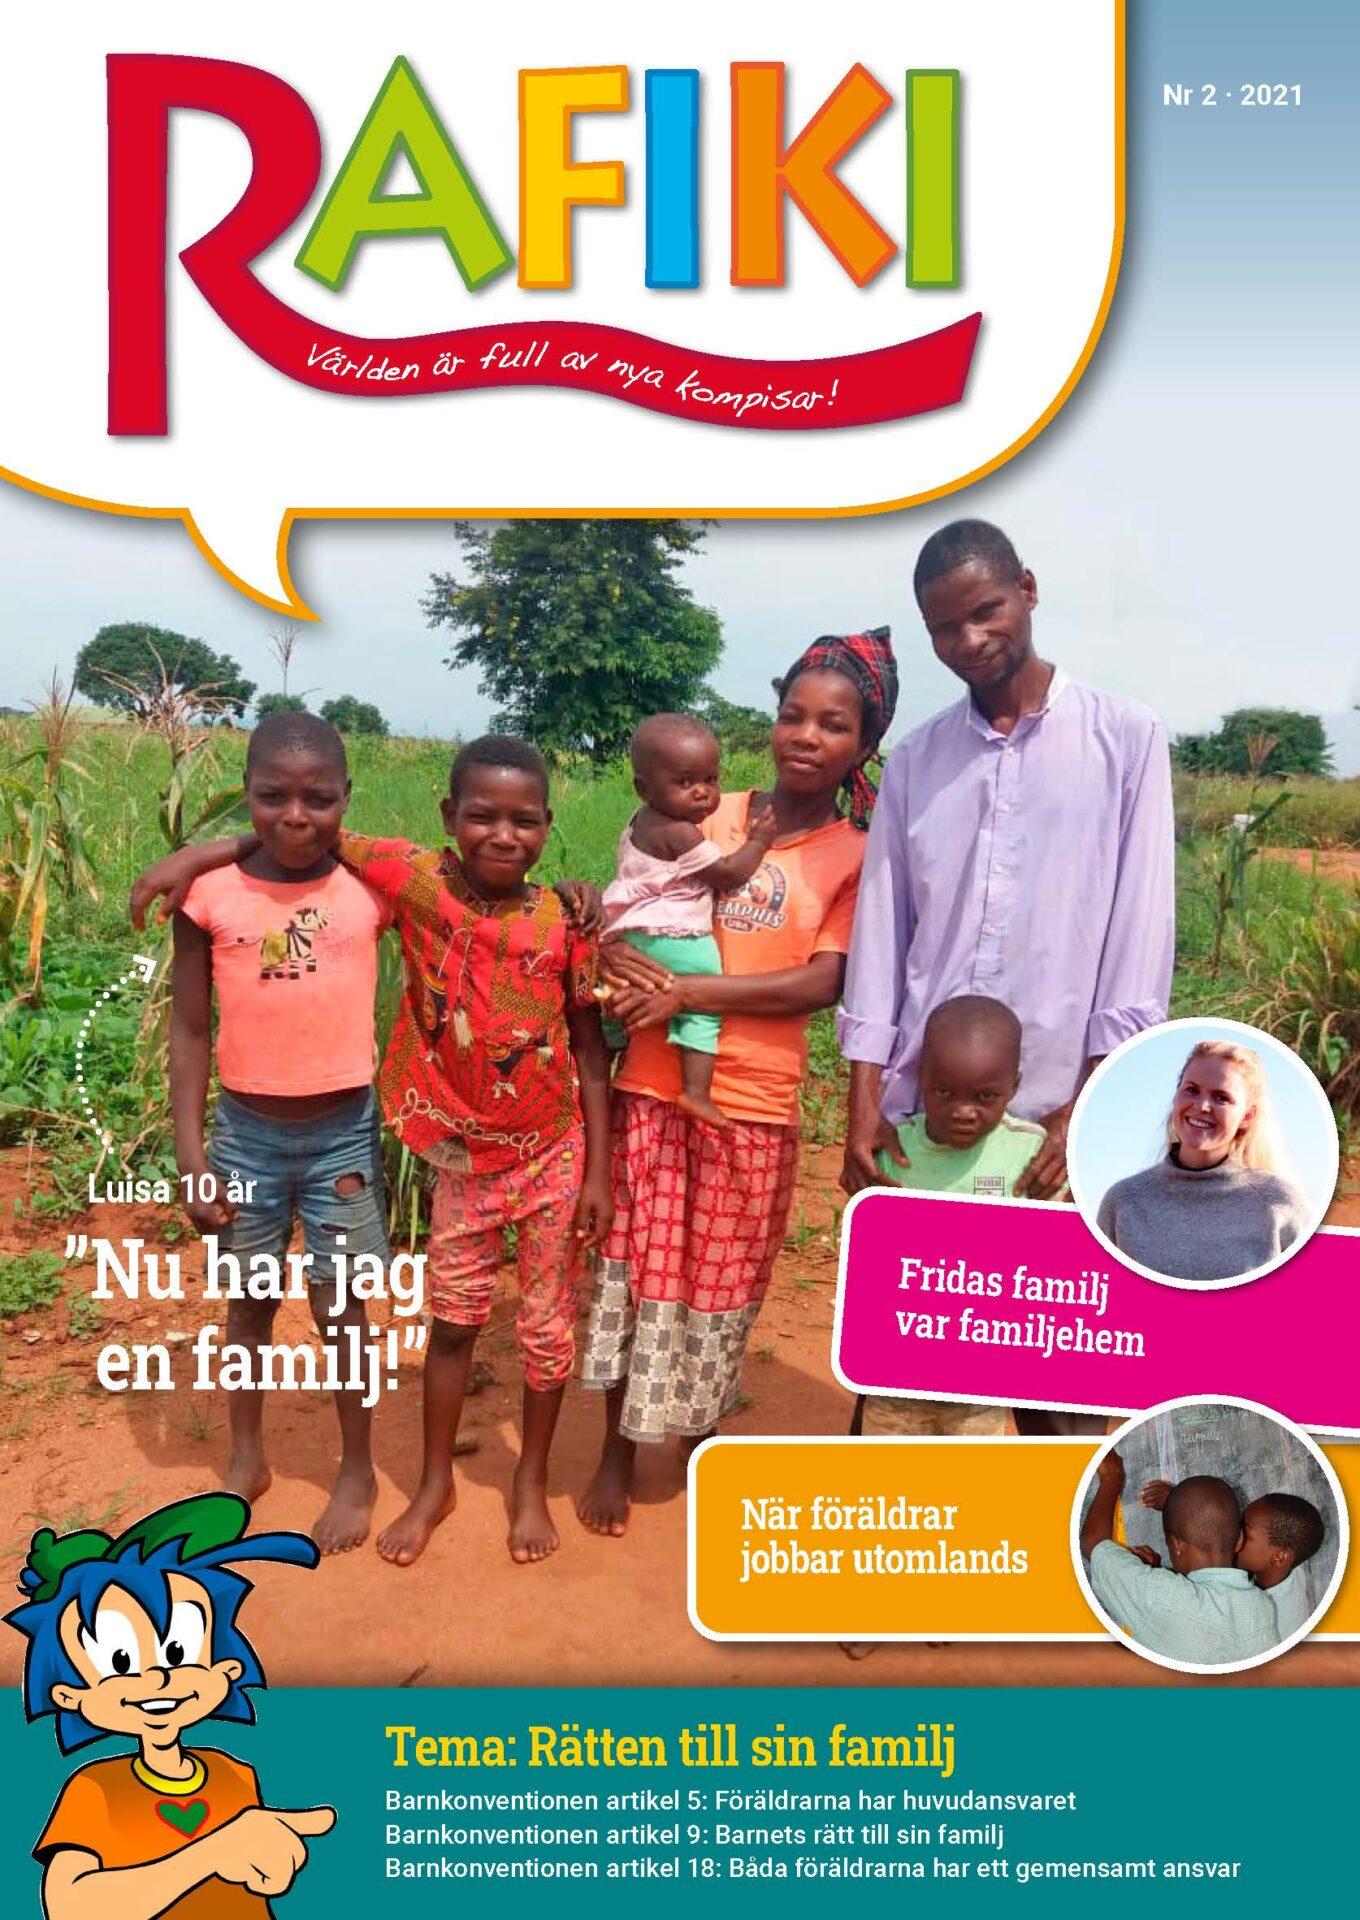 Rafikis tidning om barns rätt till sin familj